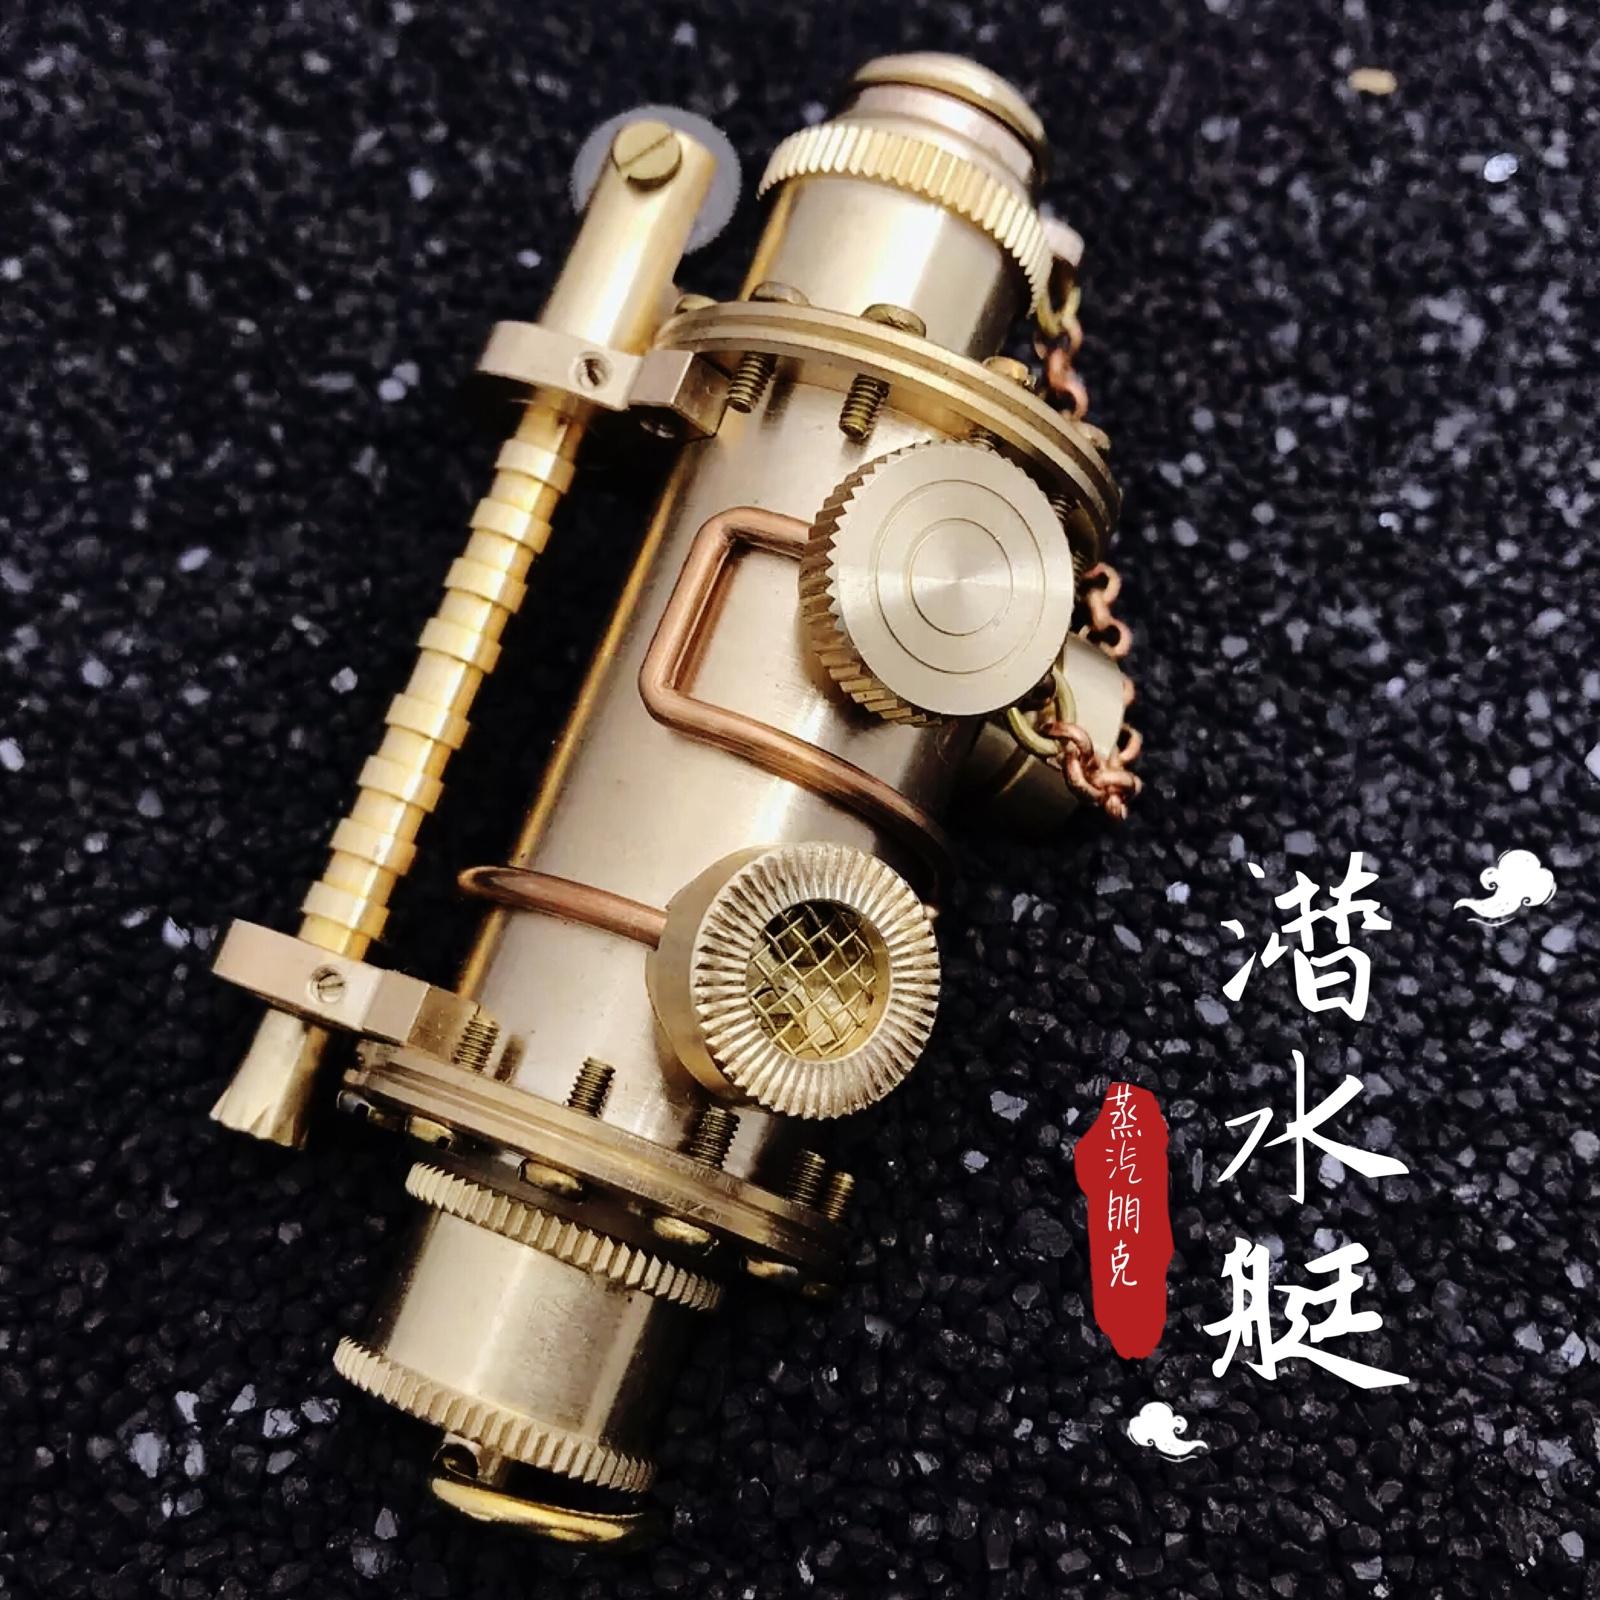 【祝融火具】纯铜DIY手工蒸汽朋克煤油打火机复古老式收藏打火机